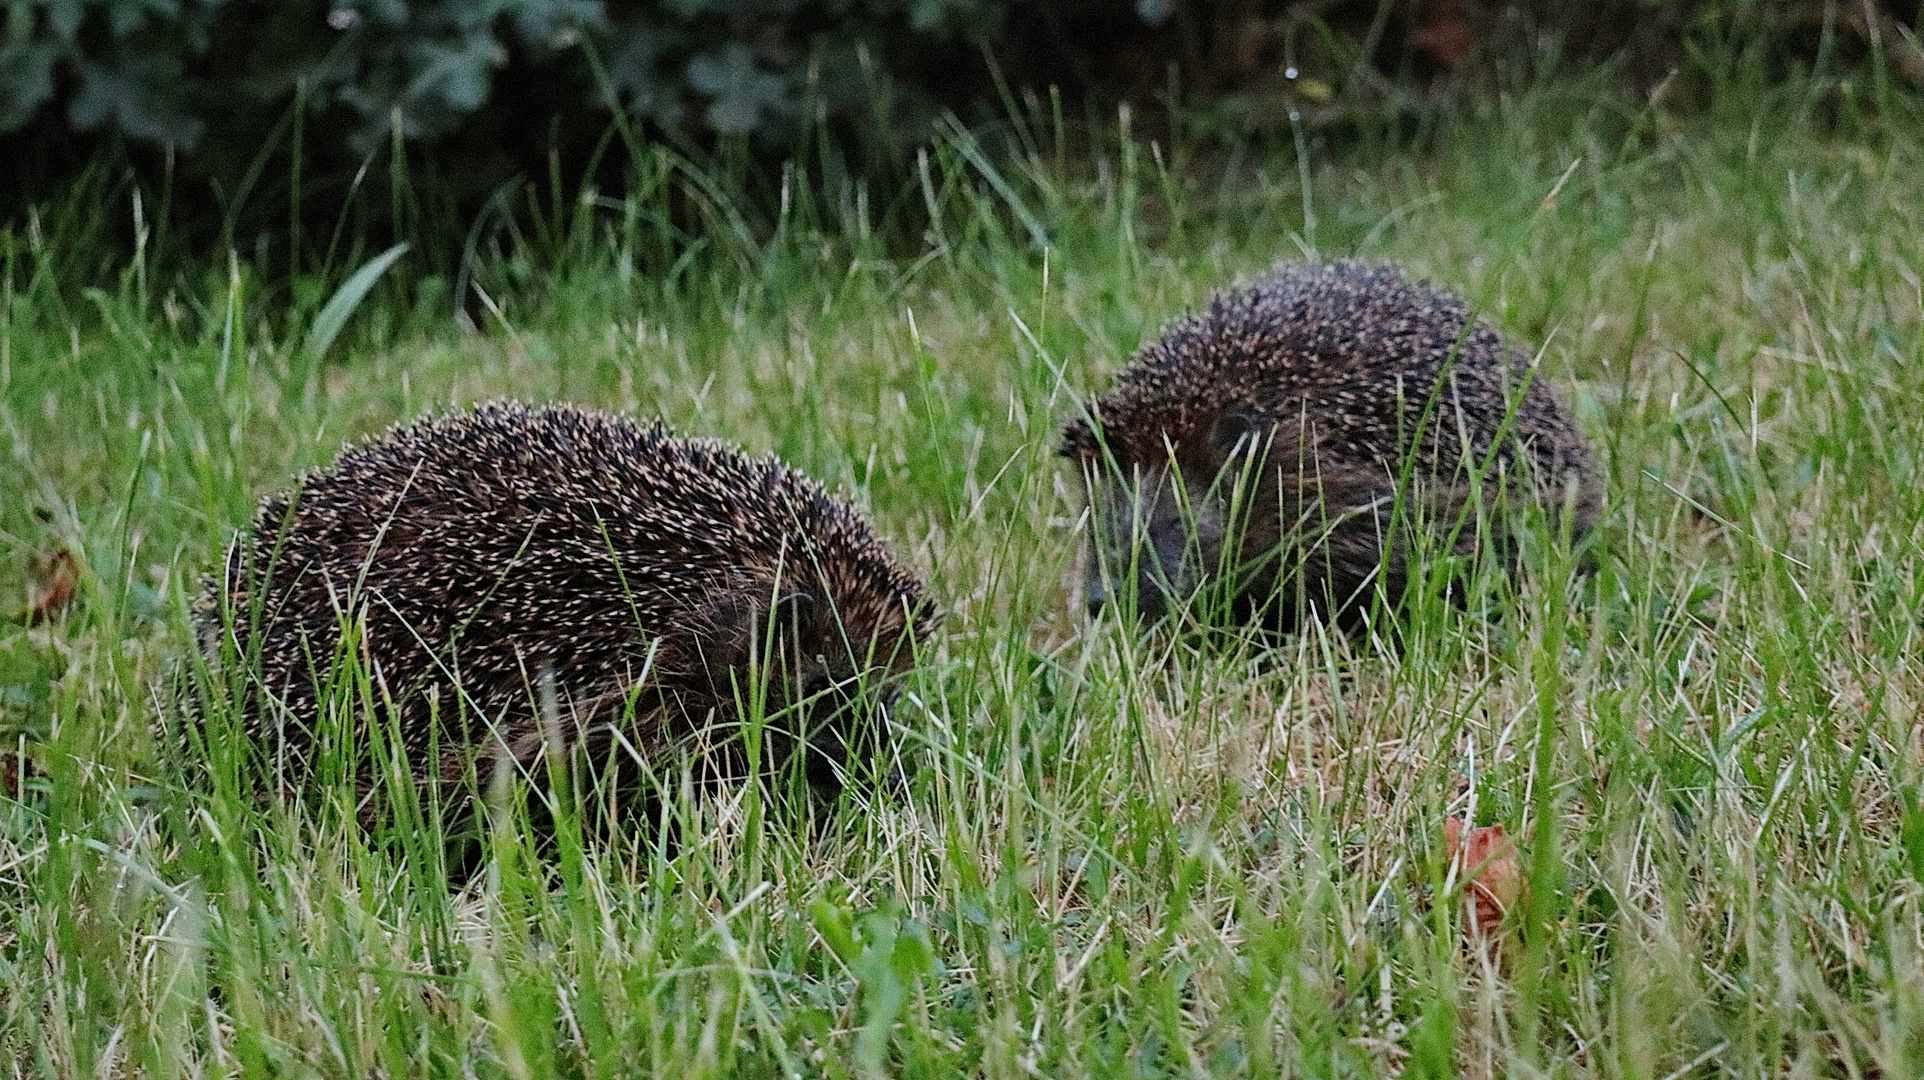 igel 1 foto  bild  tiere wildlife säugetiere bilder